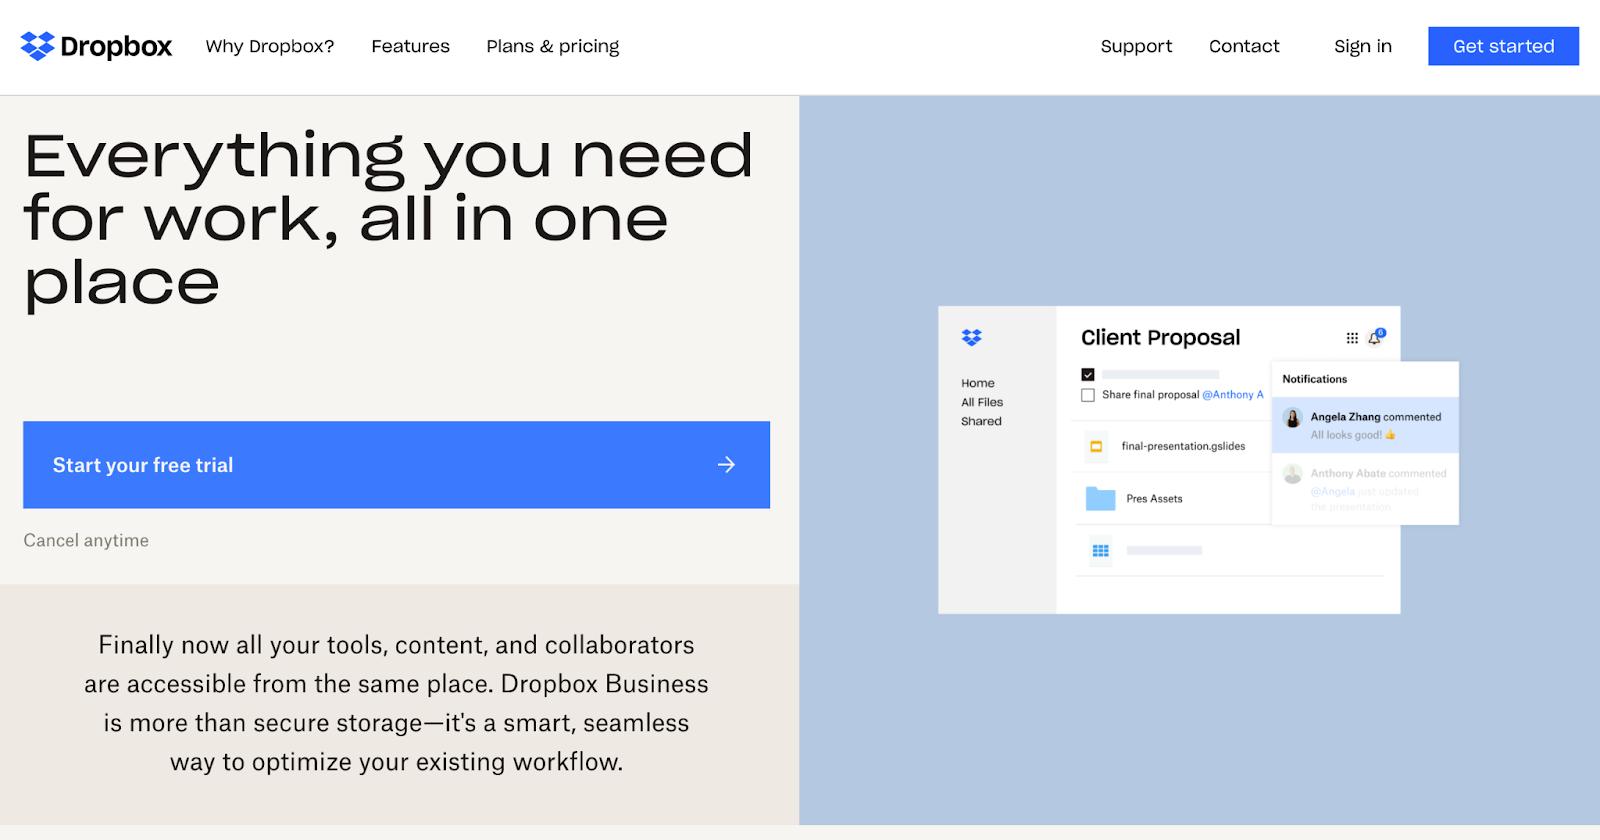 Dropbox website homepage